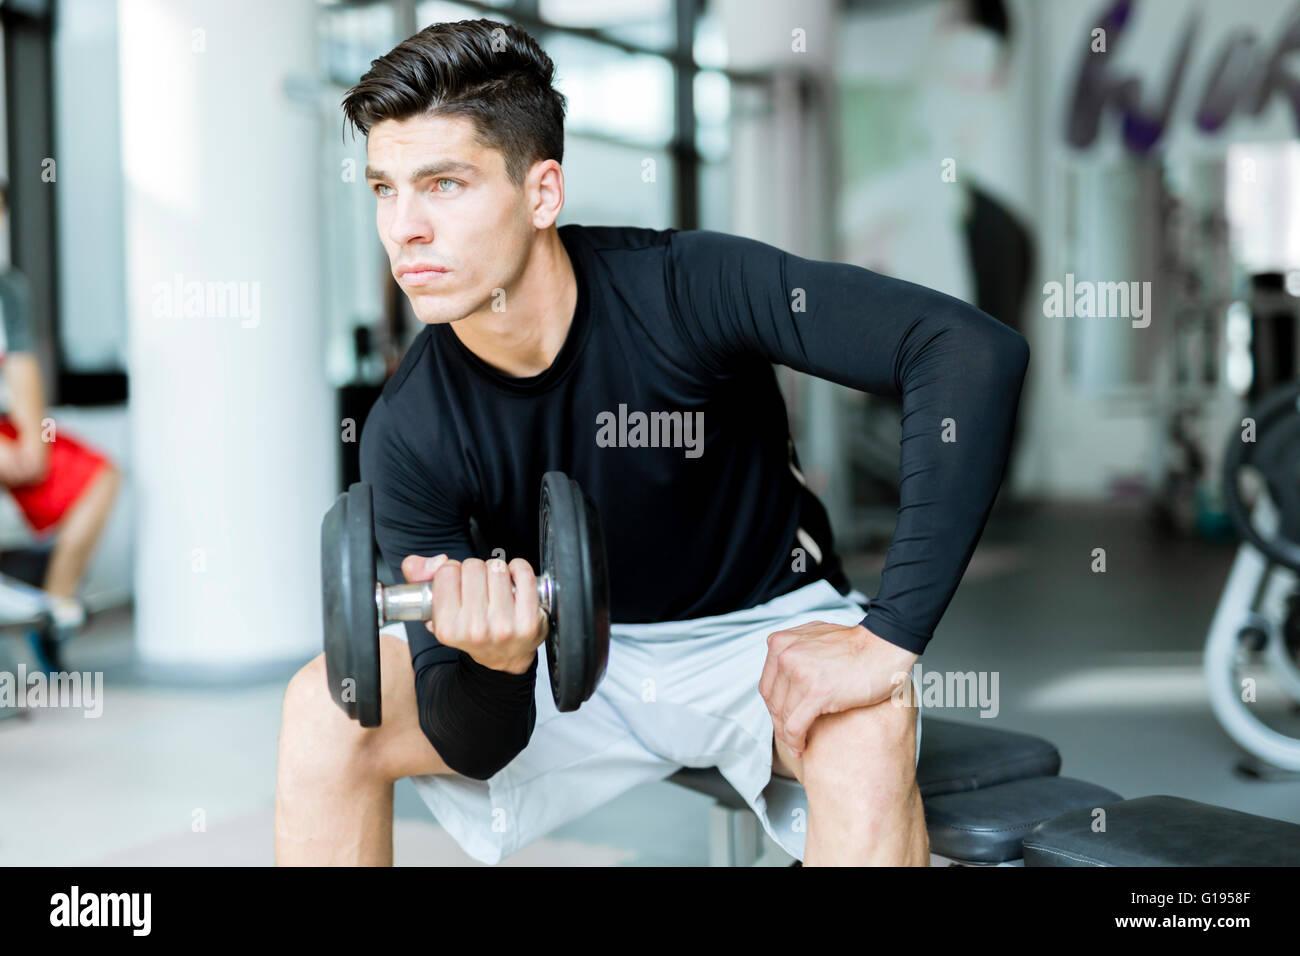 Joven apuesto hombre la formación en un centro de fitness Imagen De Stock